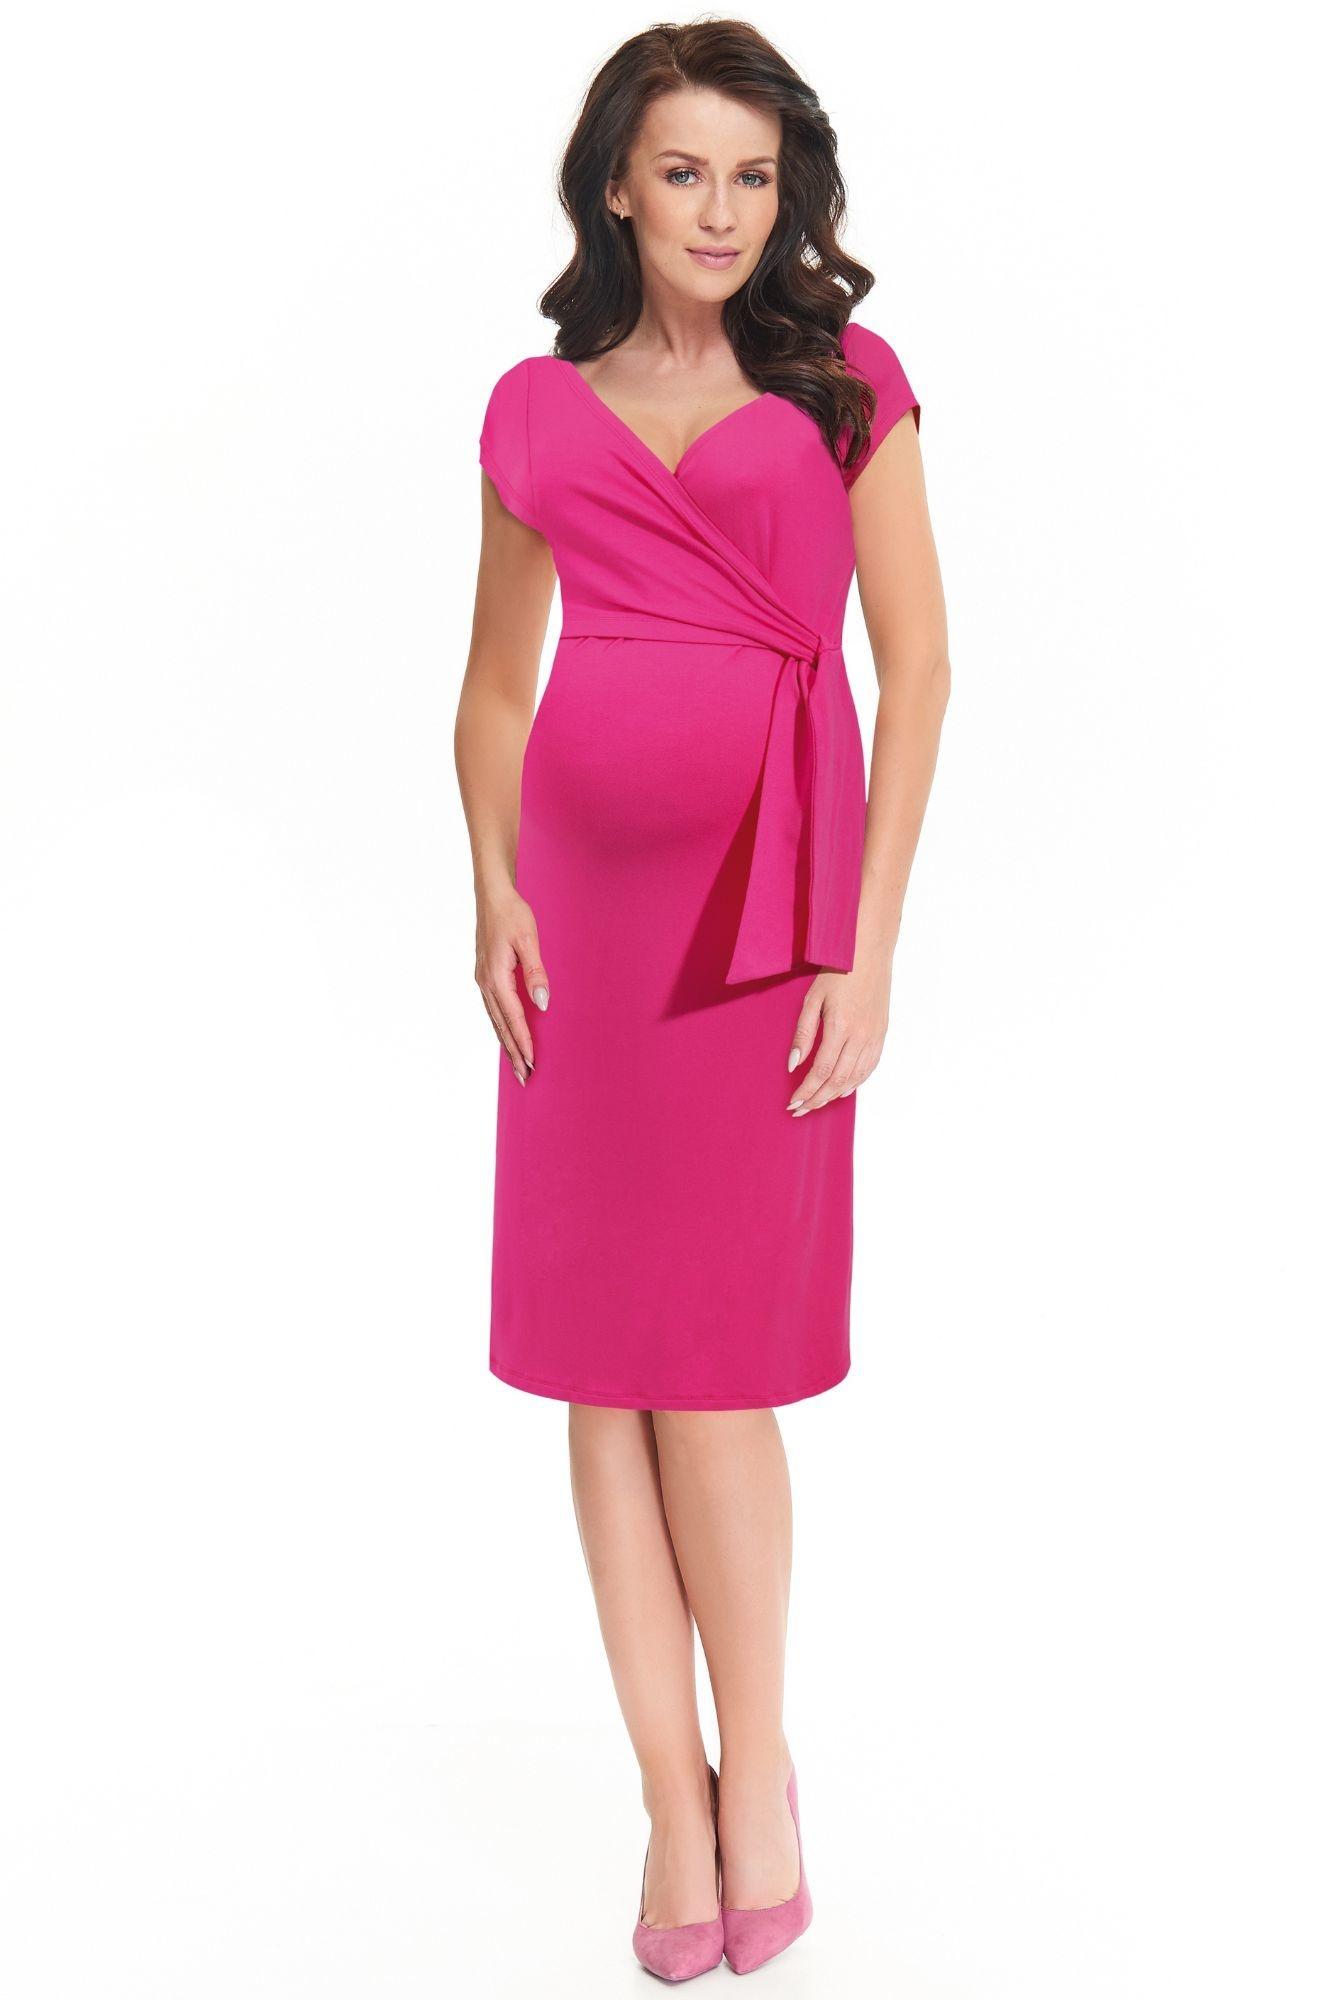 a8471541588a Dojčiace a tehotenské šaty Janisa ružové - ELEGANT.sk